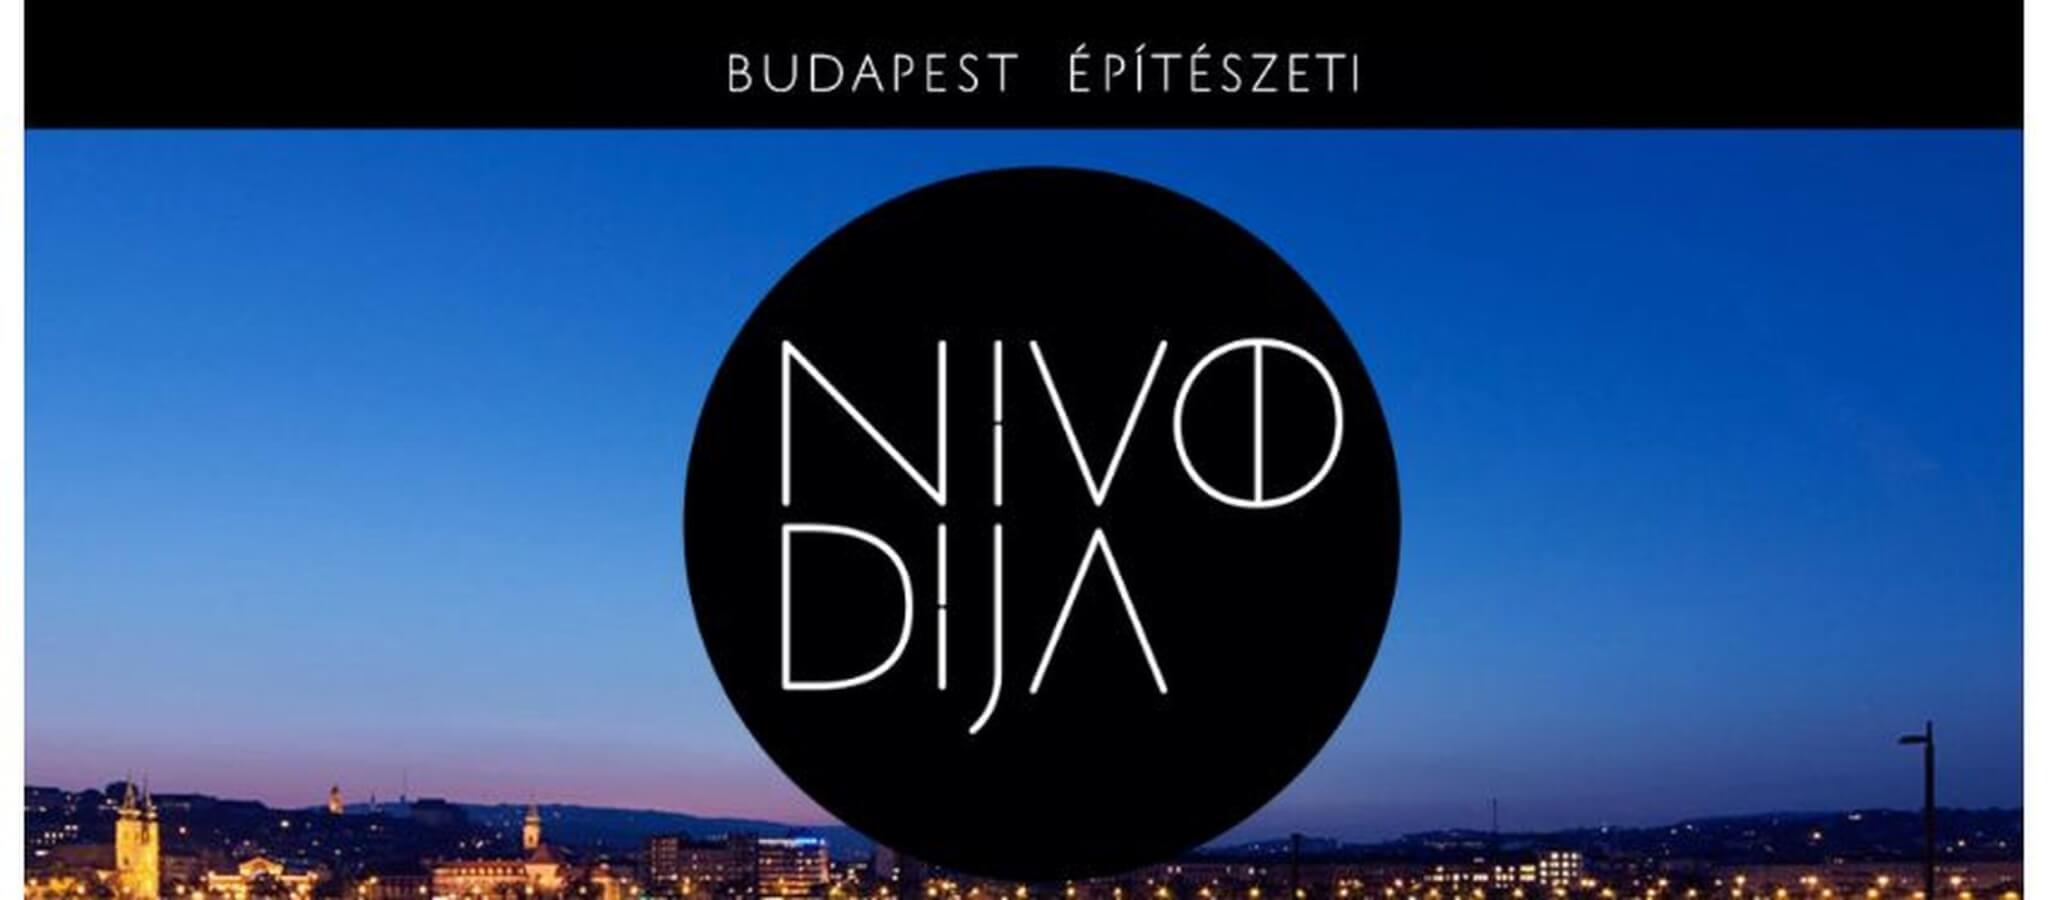 Budapesti Építészeti Nívódíj logója